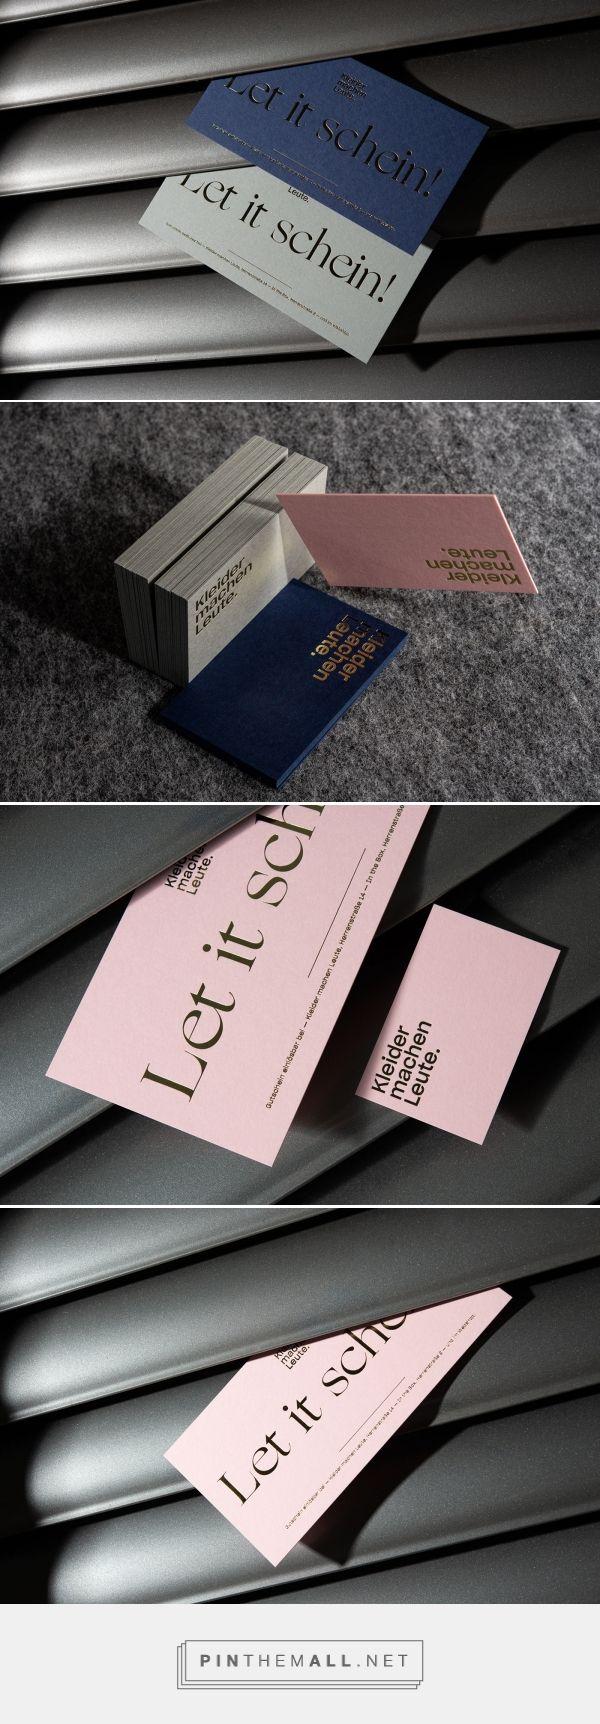 Kleider Machen Leute business cards designed by 101